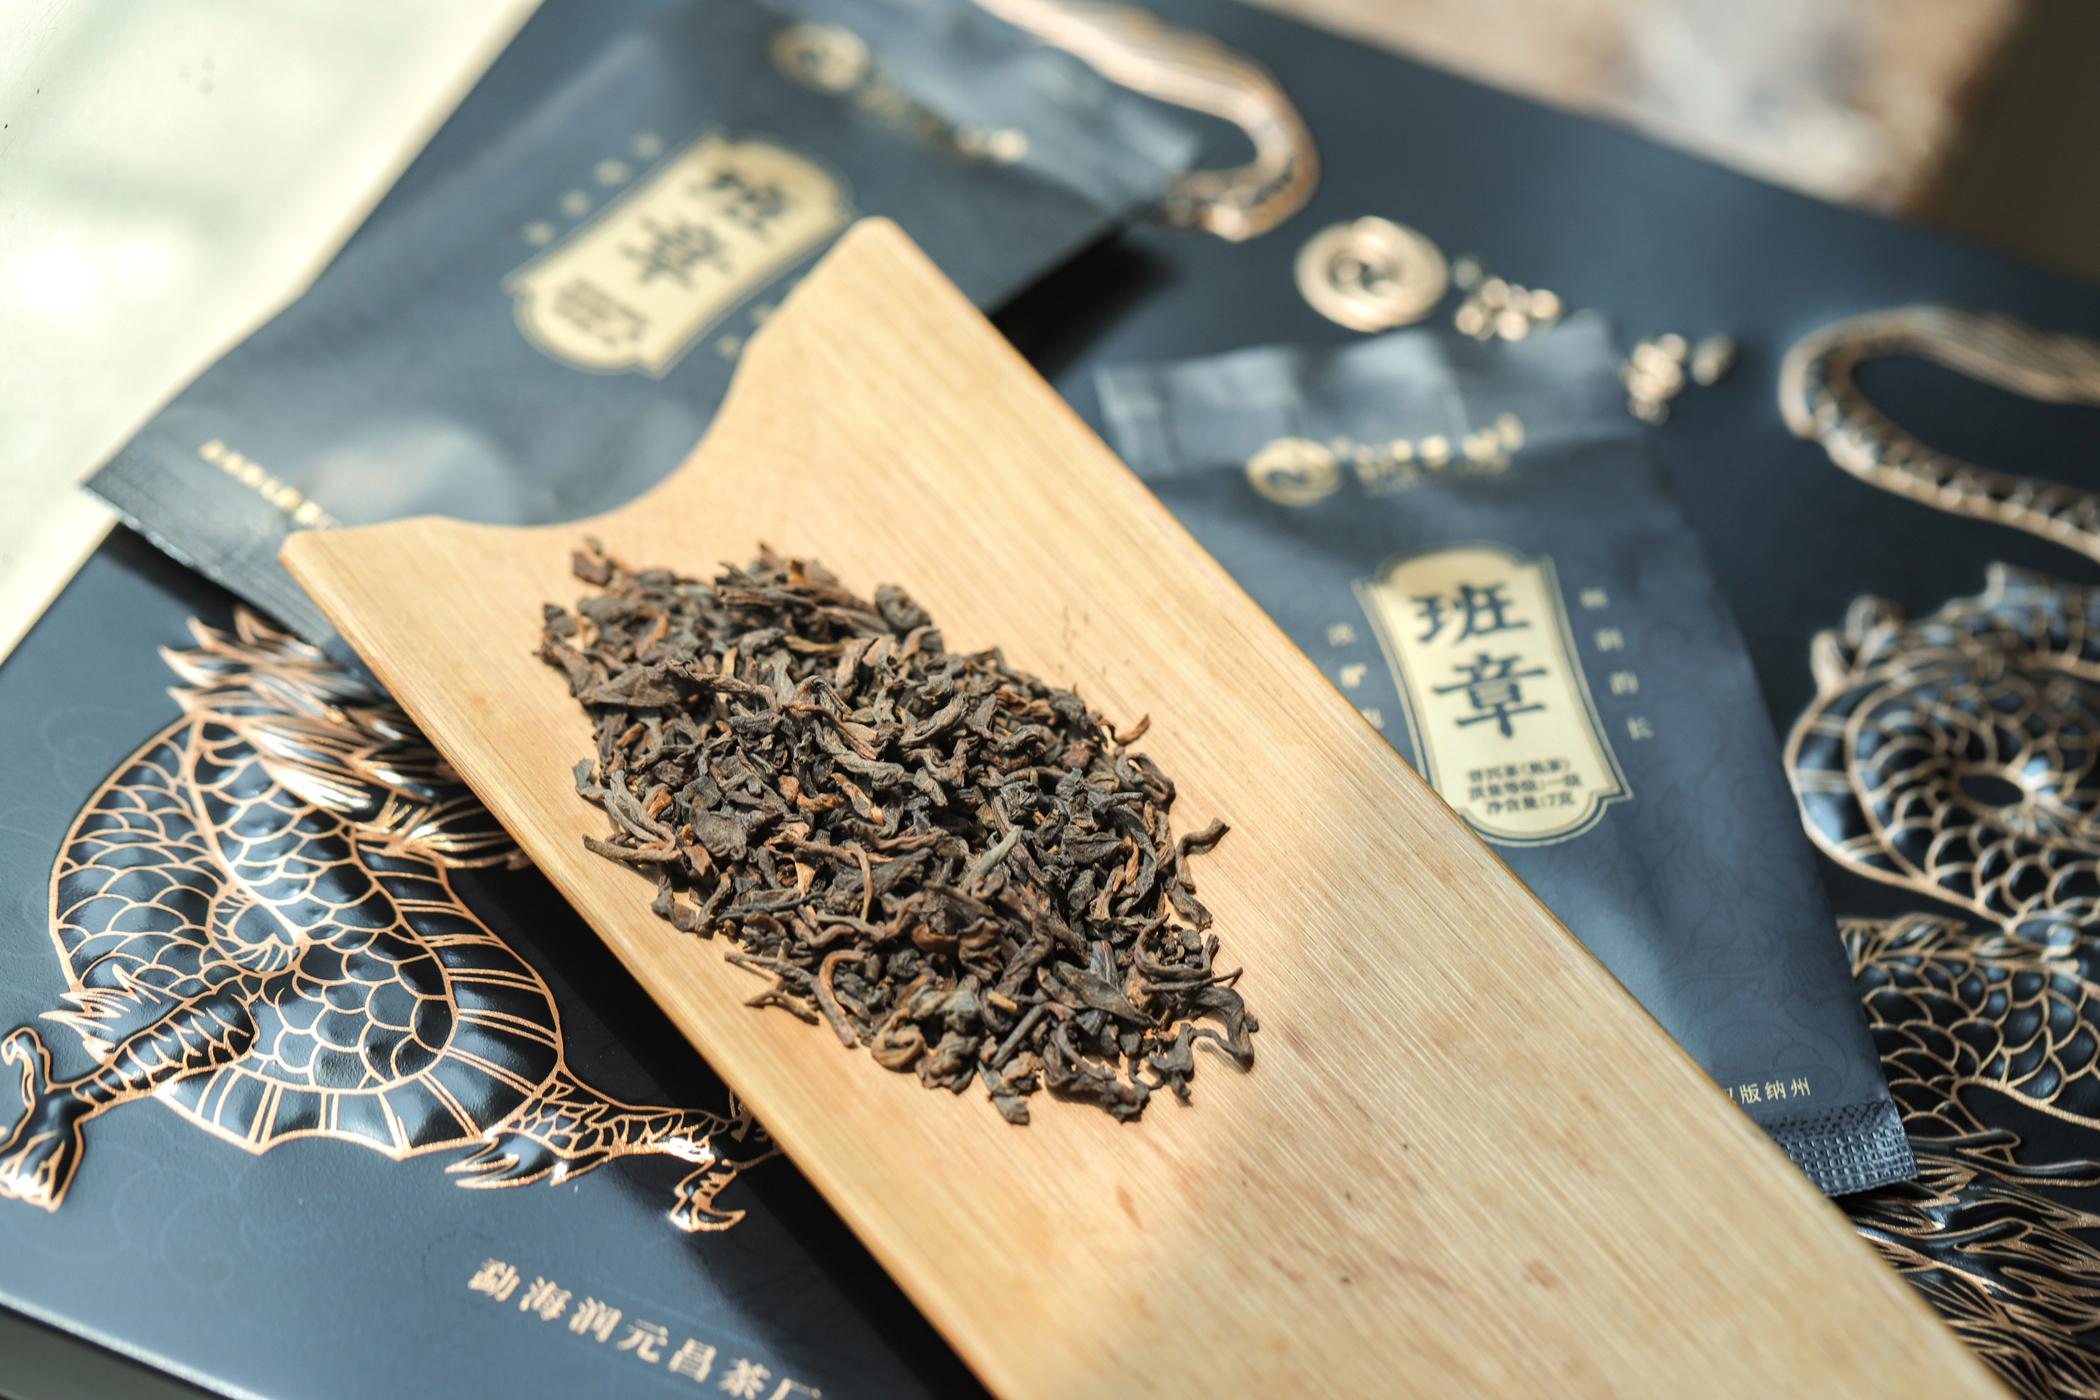 云南普洱生茶和熟茶可以存放在一起嗎